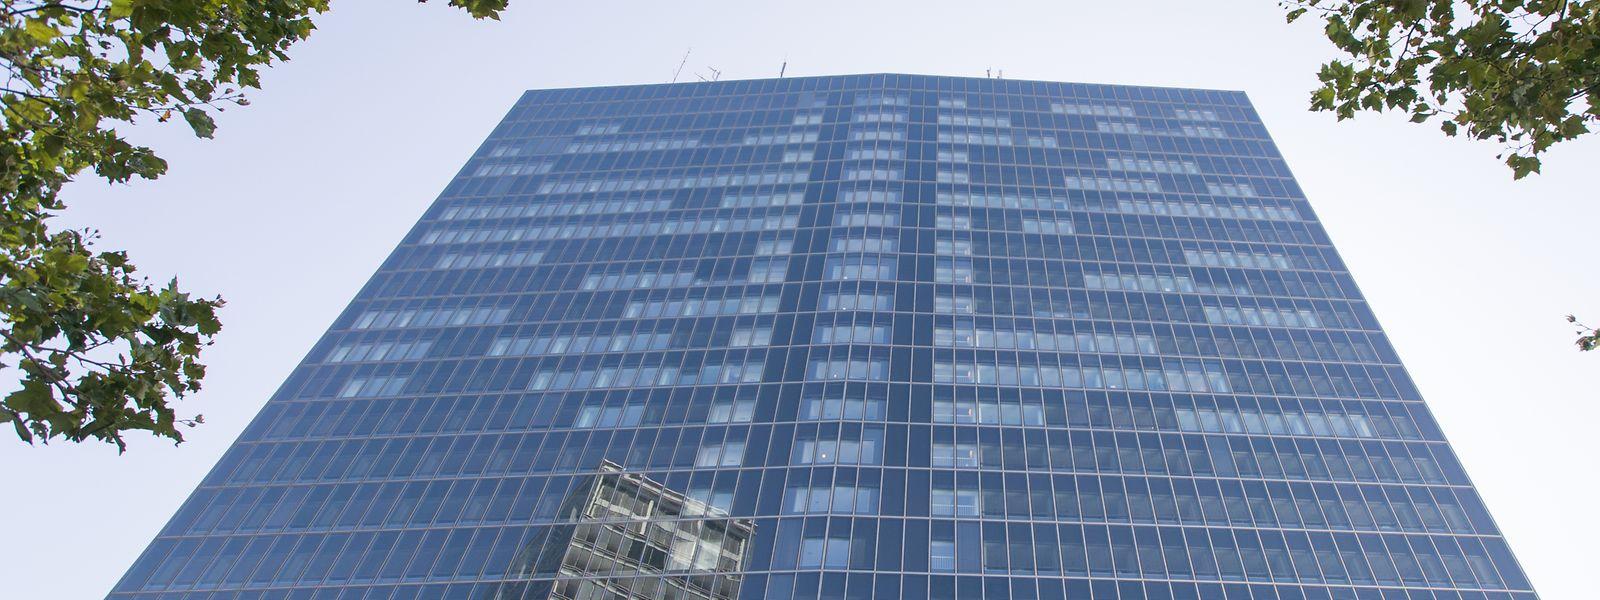 Das allen bekannte Héichhaus ragt laut dem Fonds Kirchberg 78 Meter in die Höhe. Heute ist das Gebäude jedoch nicht mehr das höchste des Landes - es wird derzeit von drei Wolkenkratzern überragt.